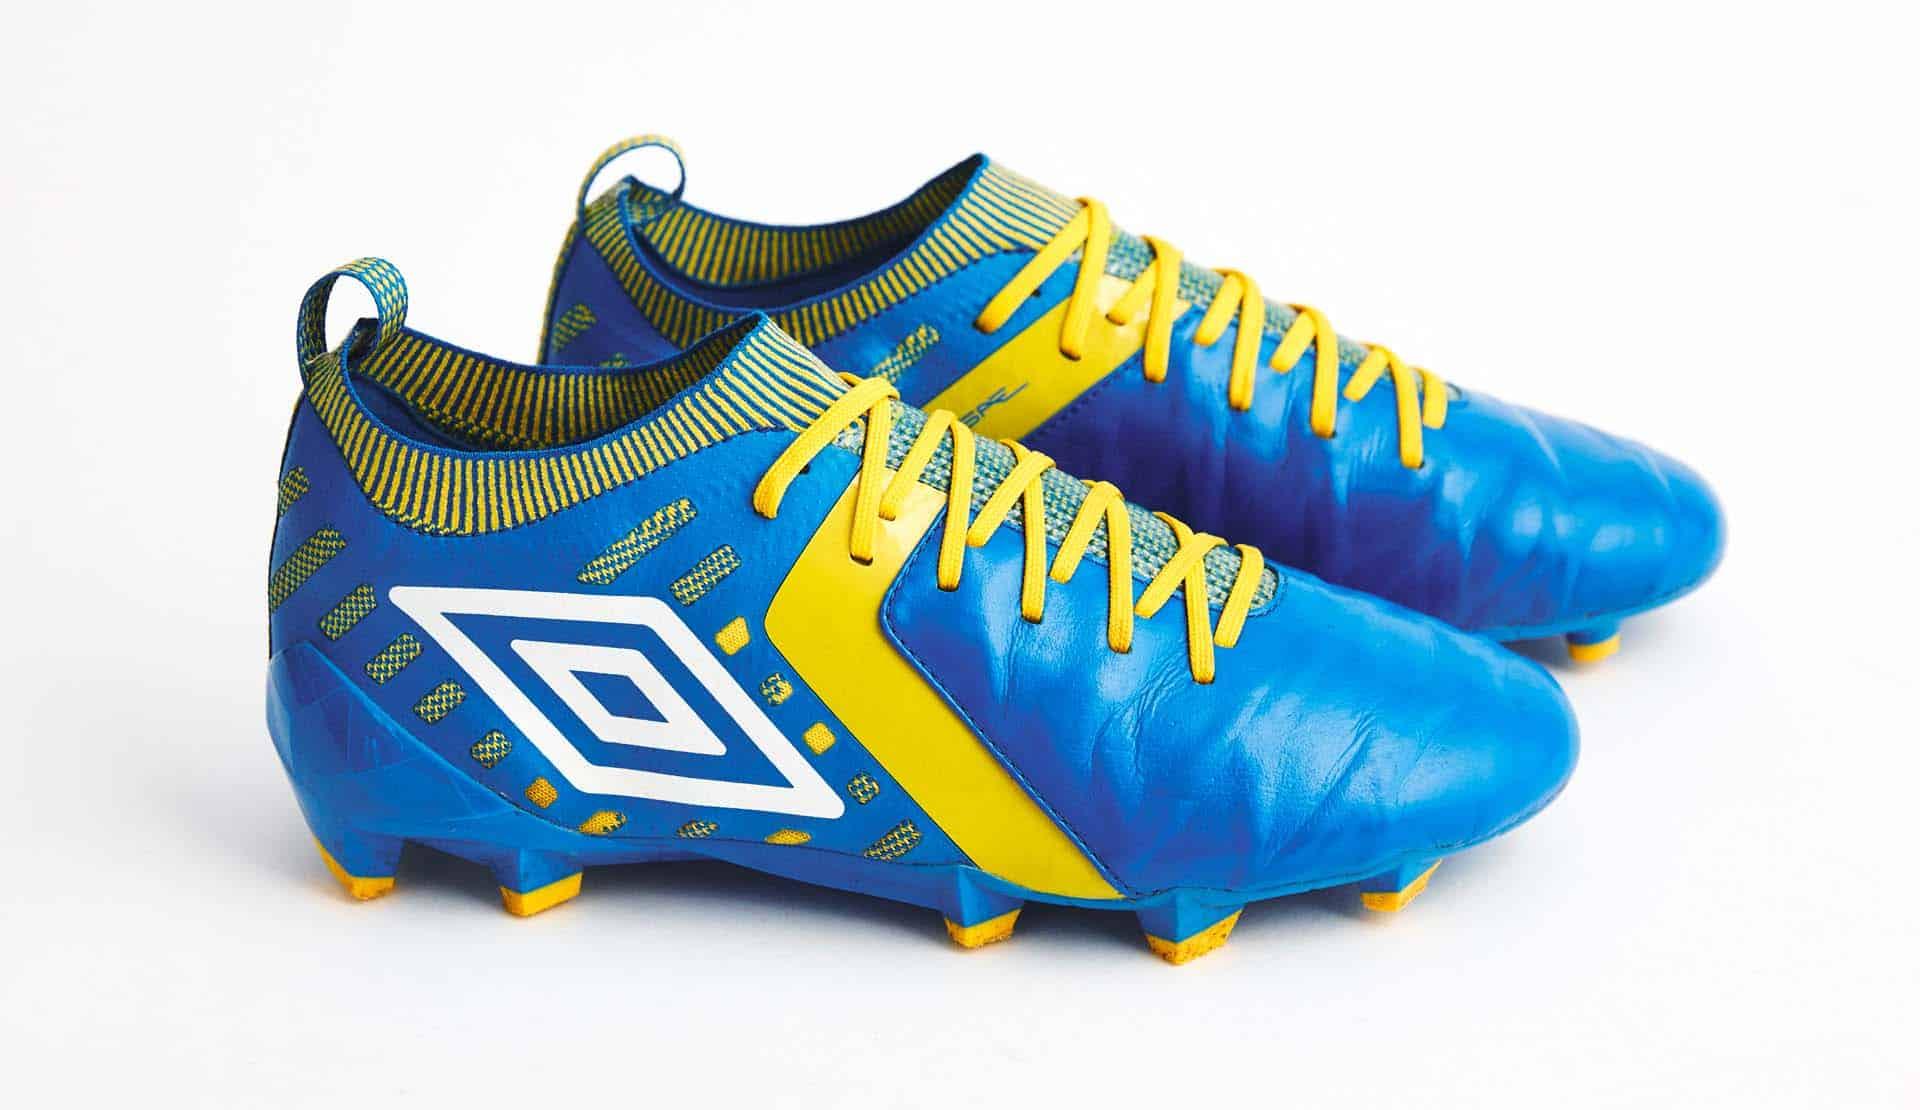 Le 5 La De Des Rentrée Top Chaussures Foot 2017 0PnwOk